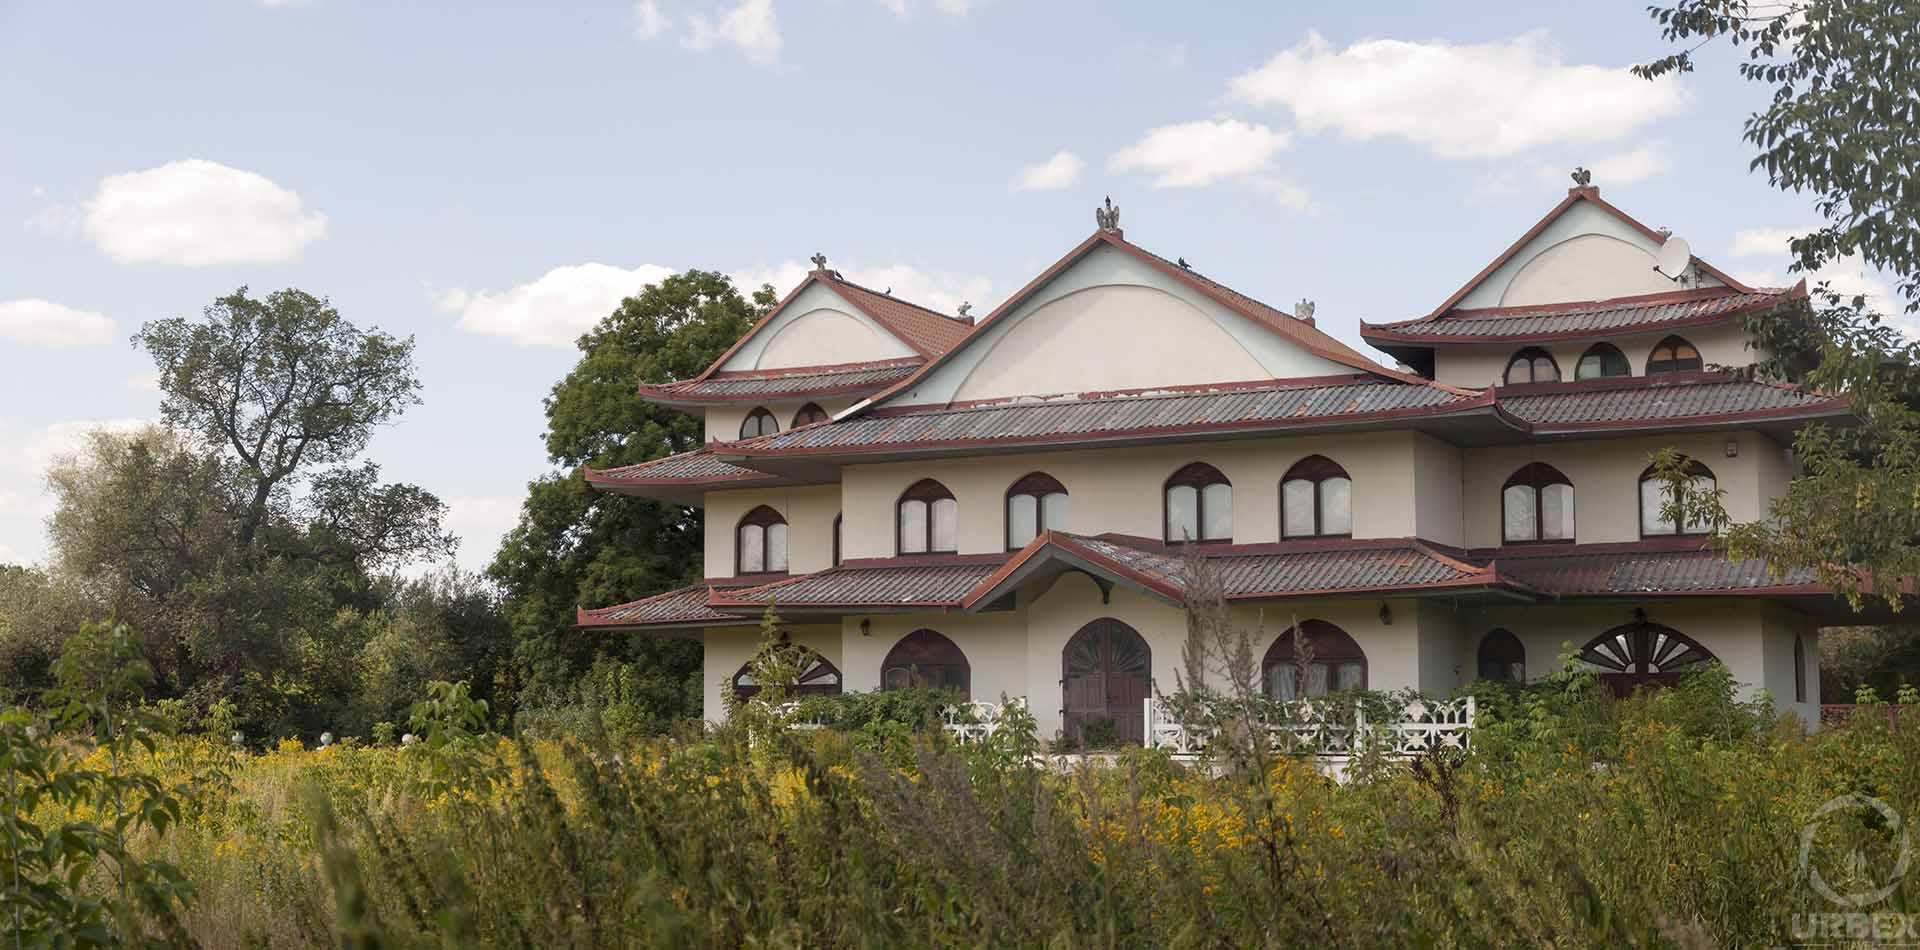 Abandoned Chinese House